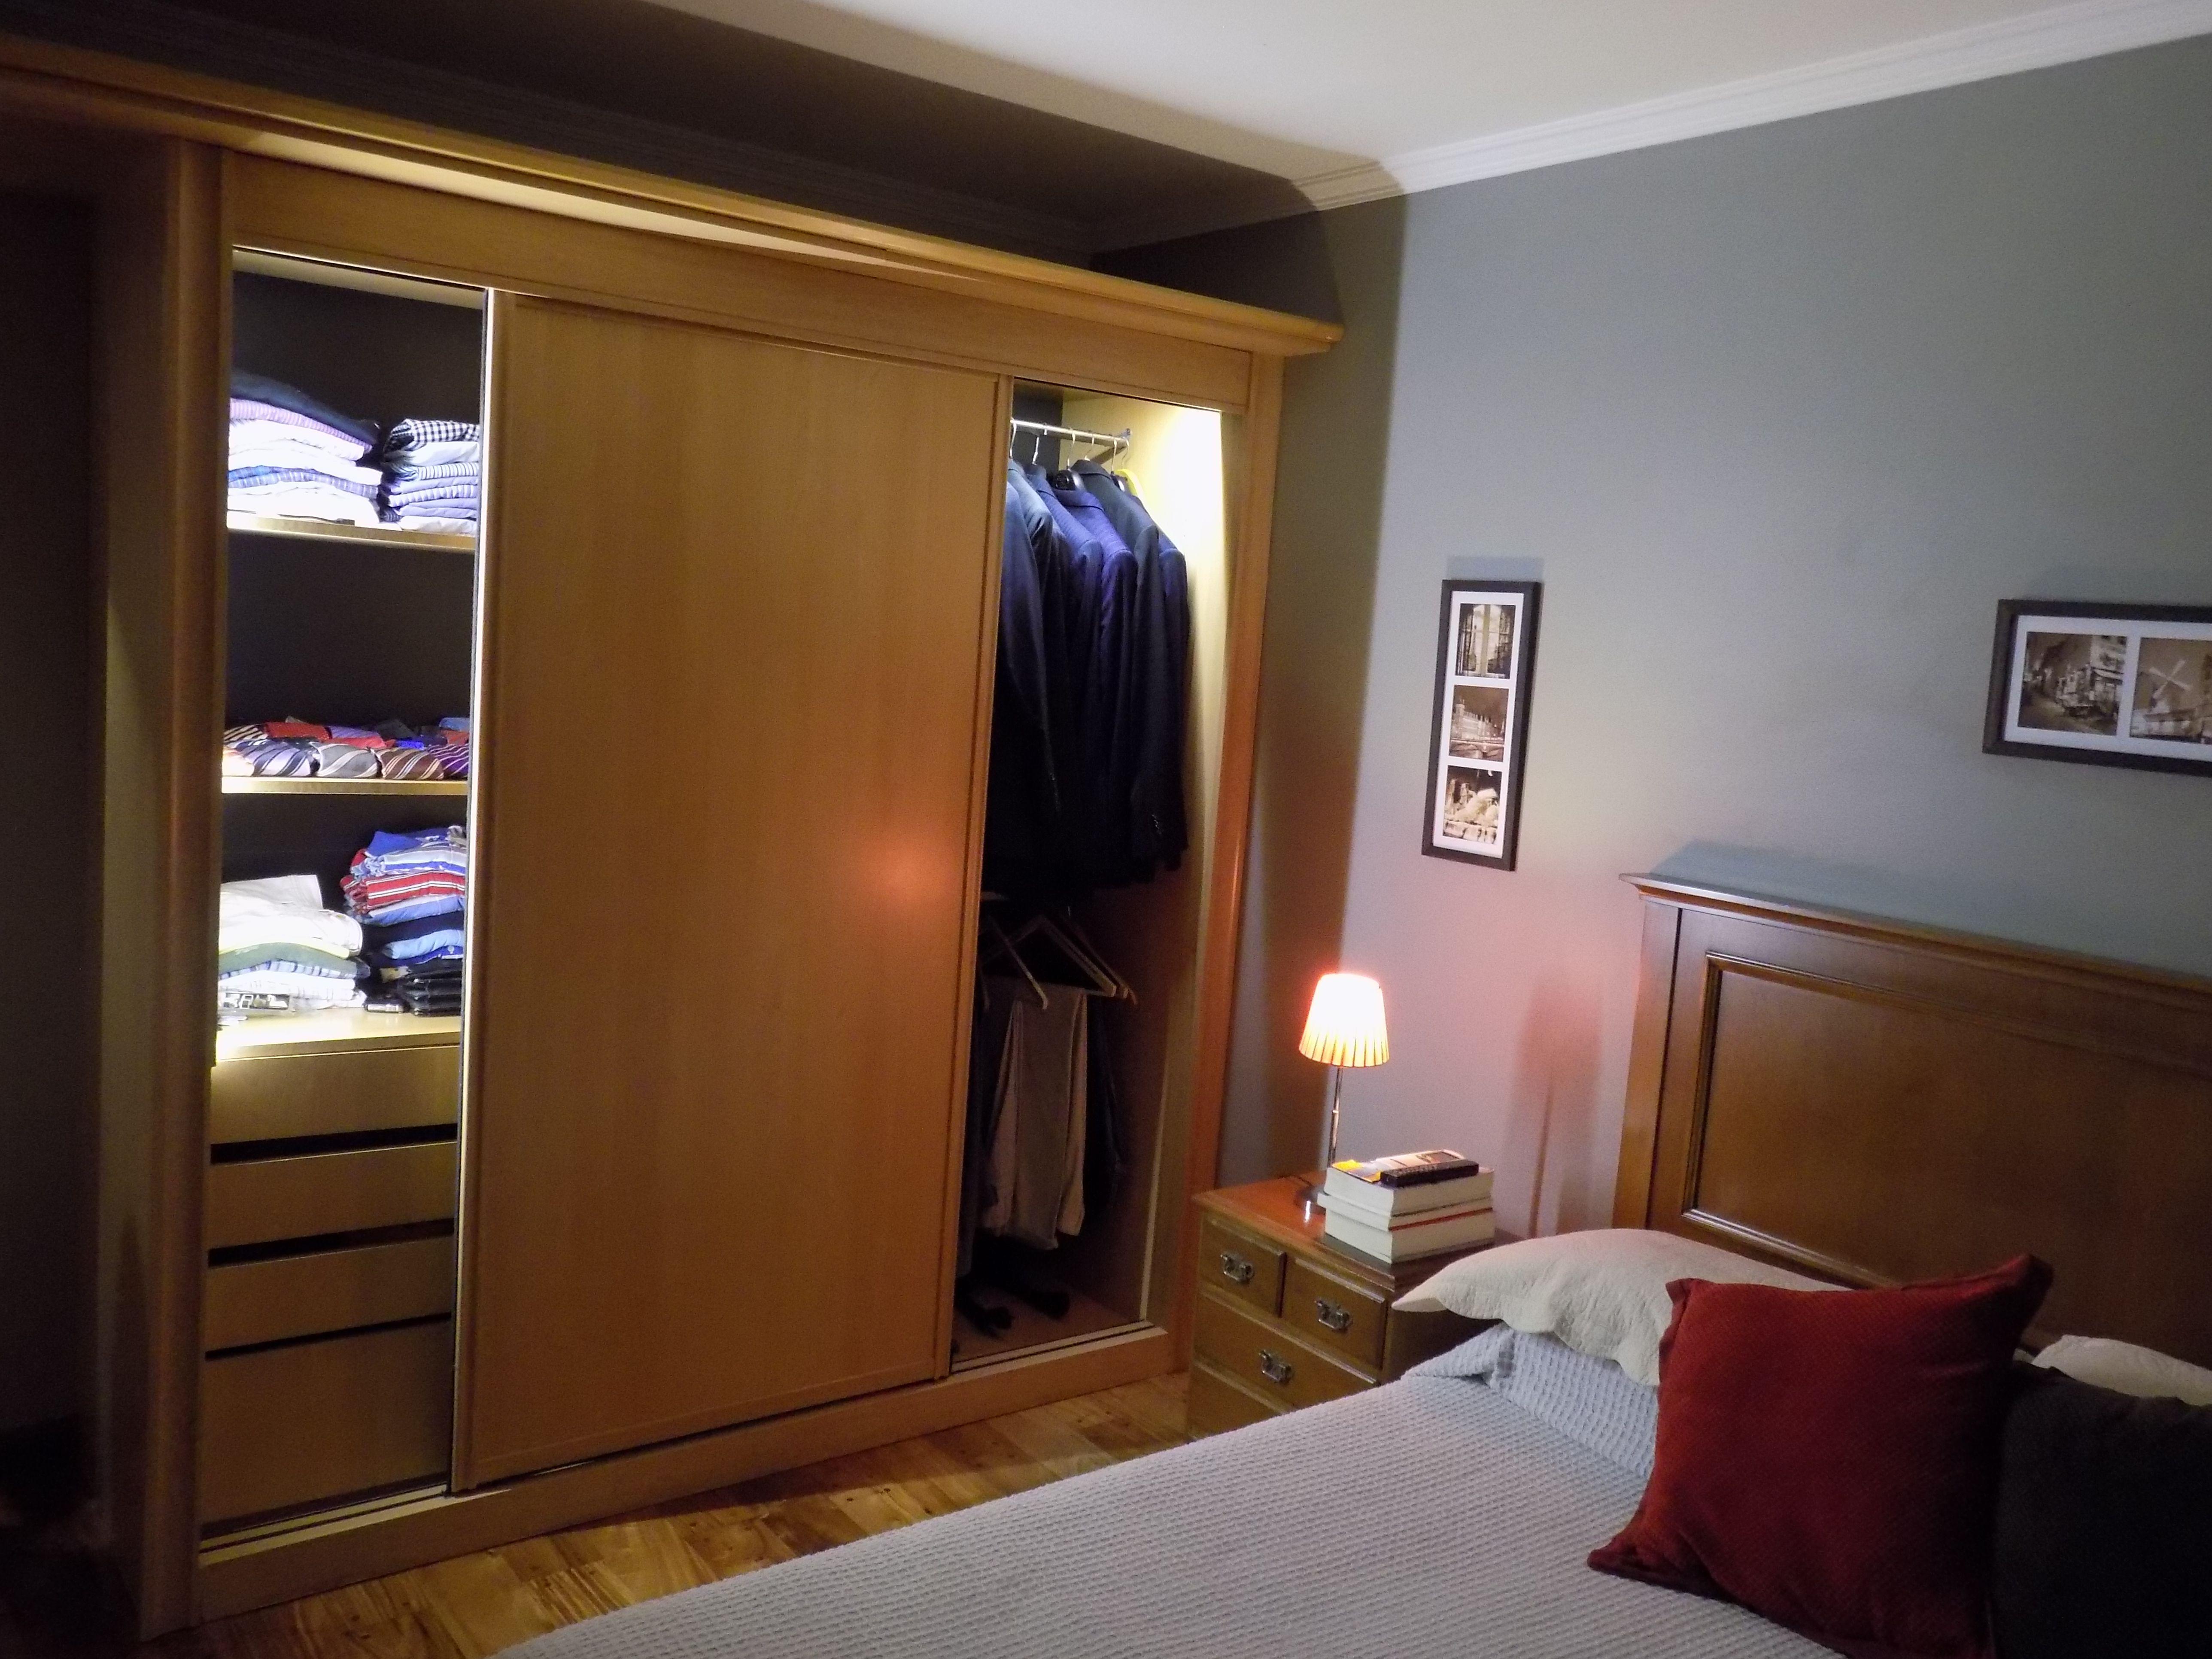 Dormitorio Iluminacion Interior De Placard Www Facebook Com  ~ Decoracion Interiores Dormitorios